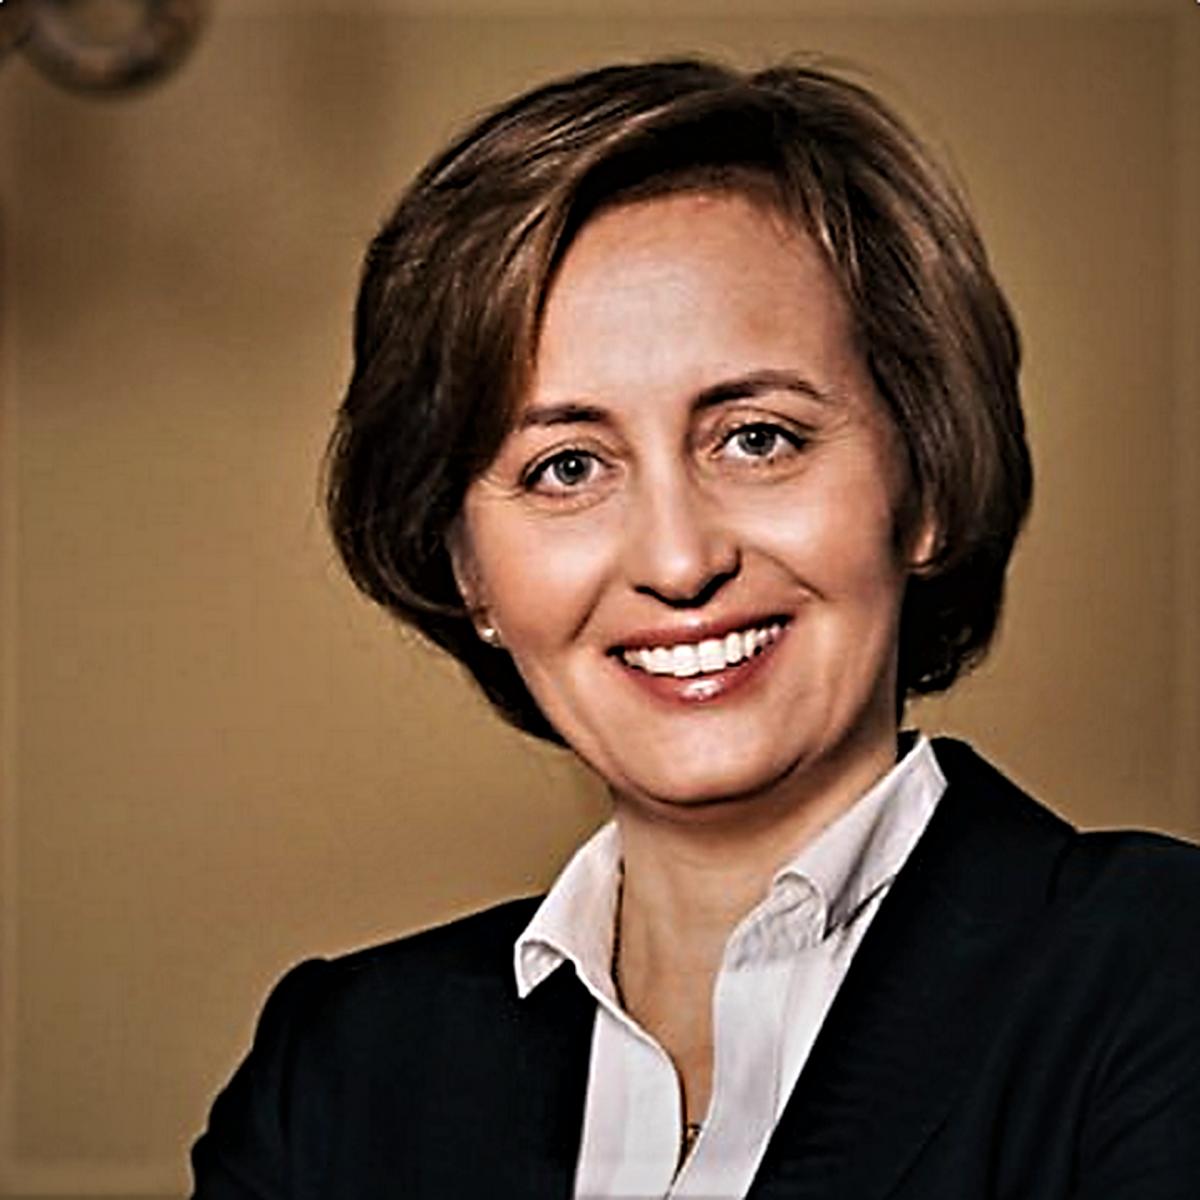 Beatrix Von Strolch